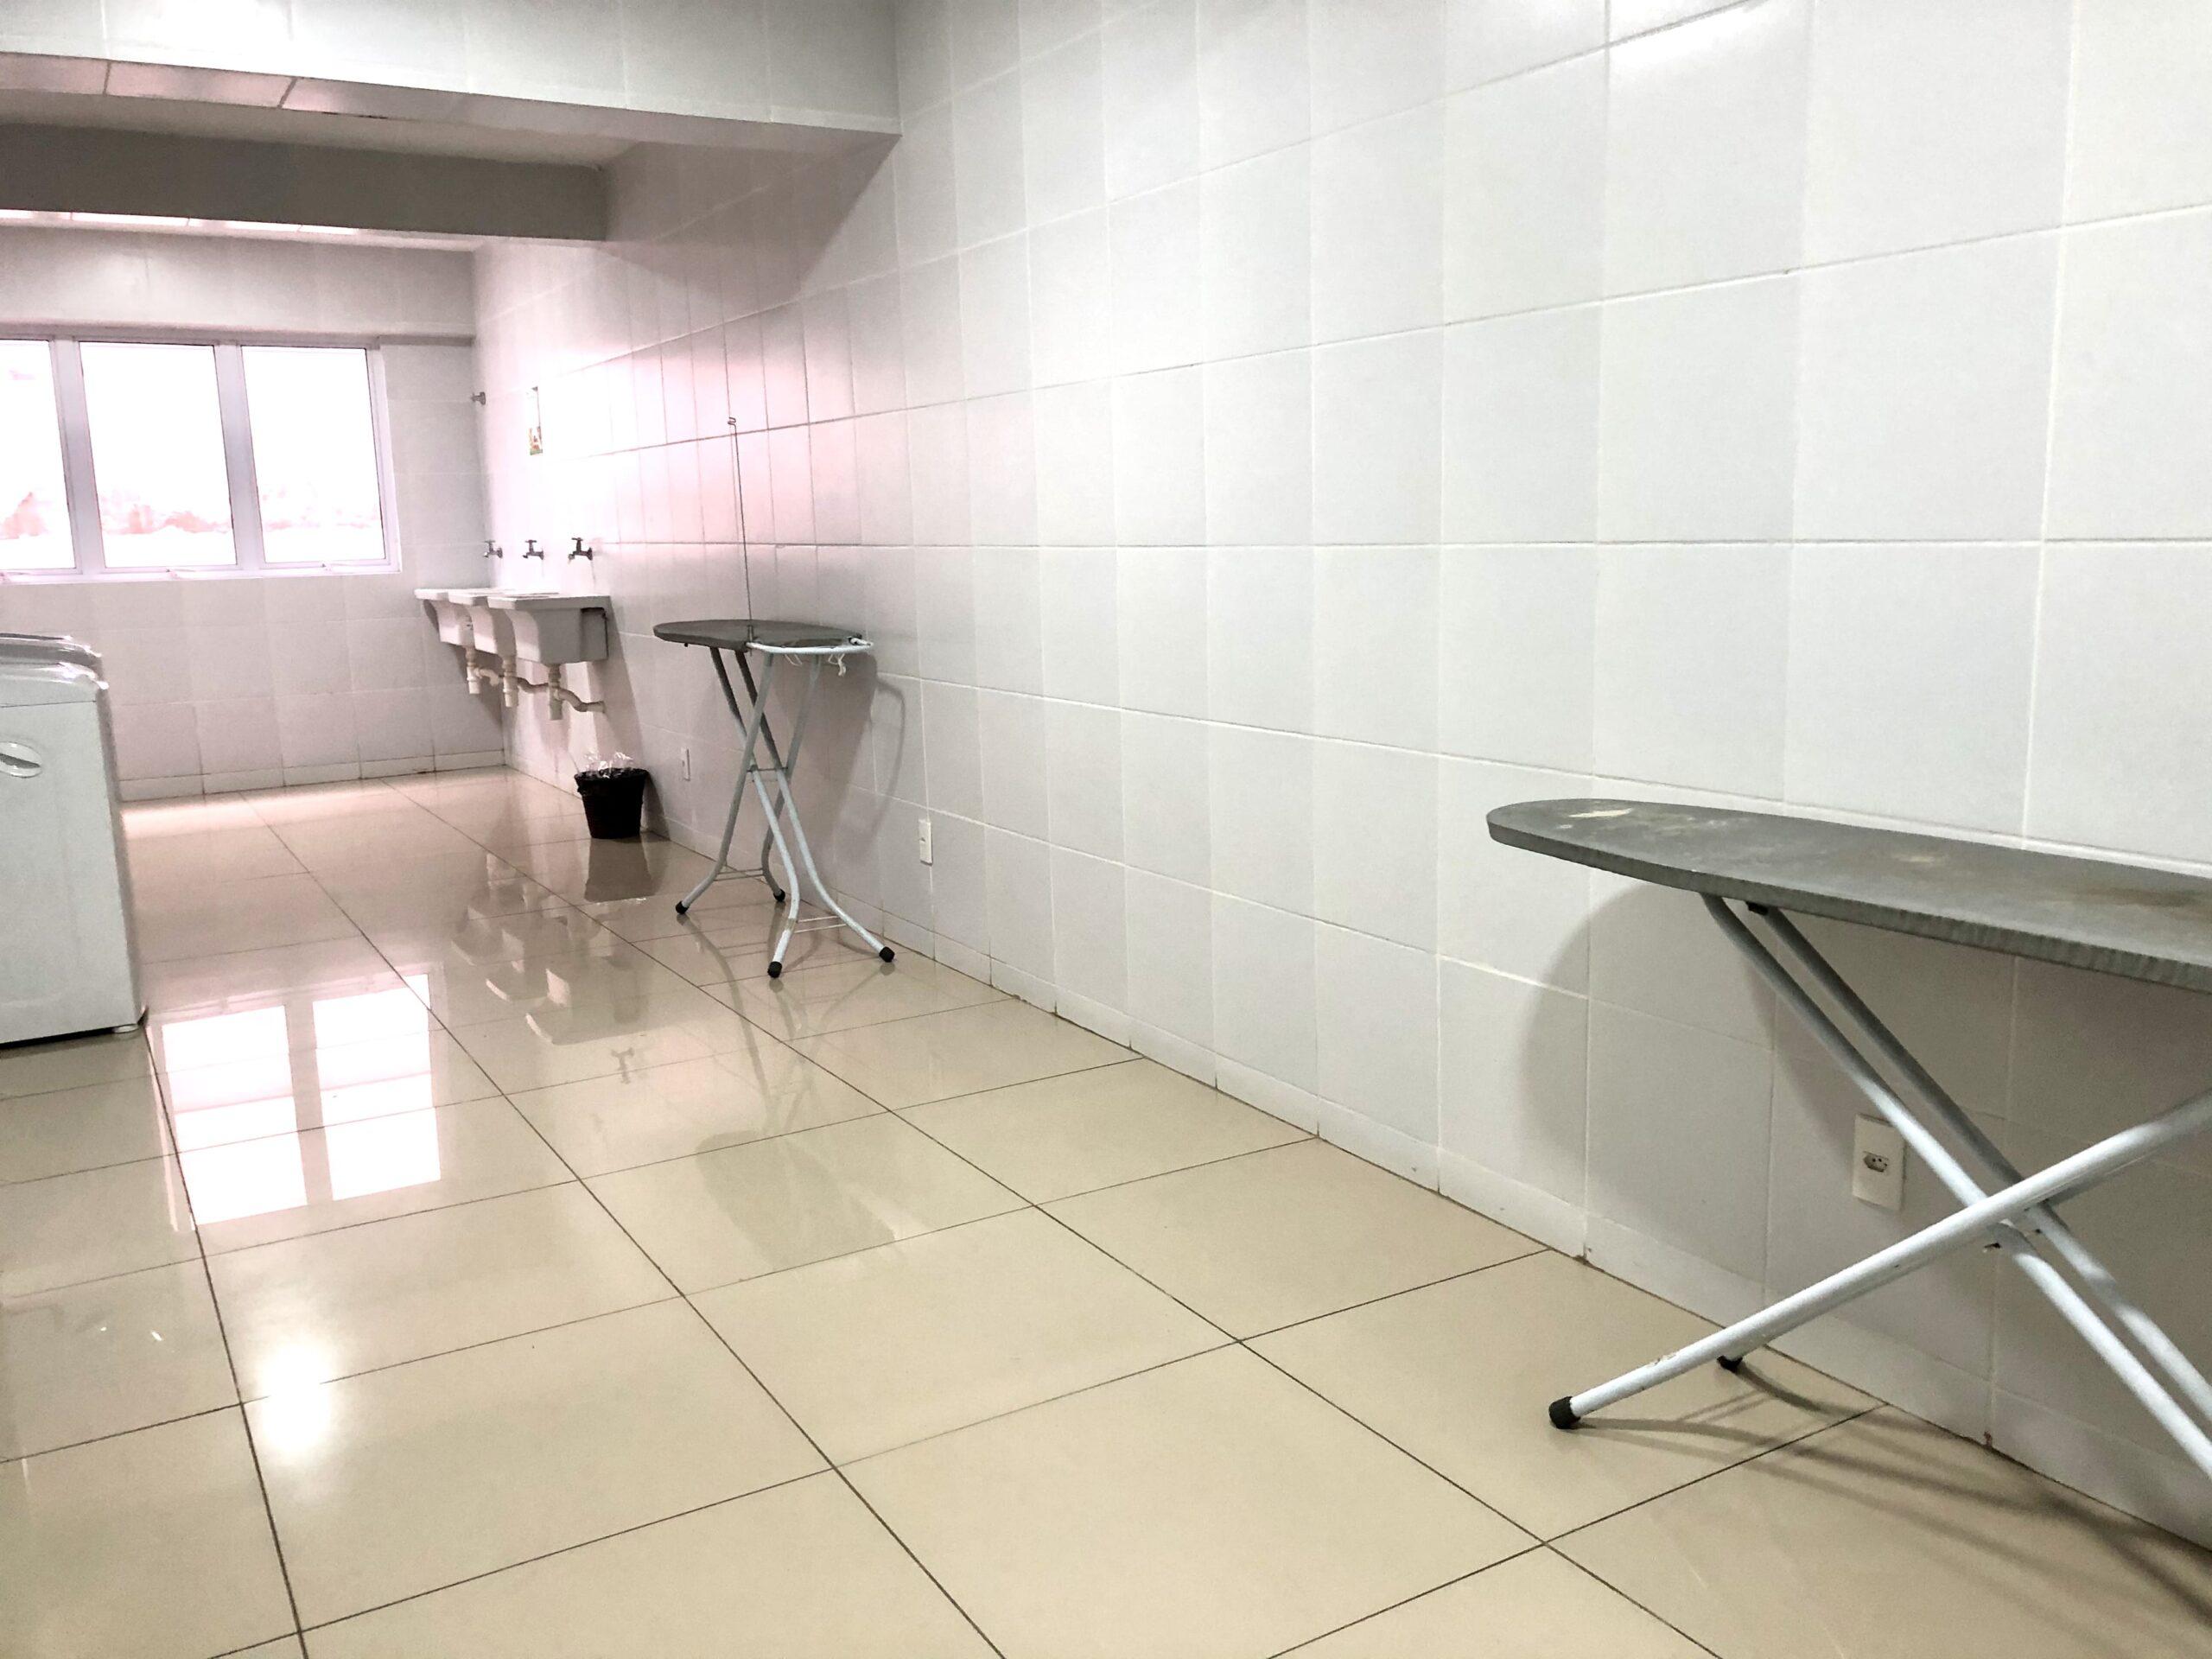 18 Apartamento para venda no Edifício Recanto das Palmeiras Teresina,3 Quartos, sendo 1 suíte, banheiro social, 1 vaga, piso em porcelanato